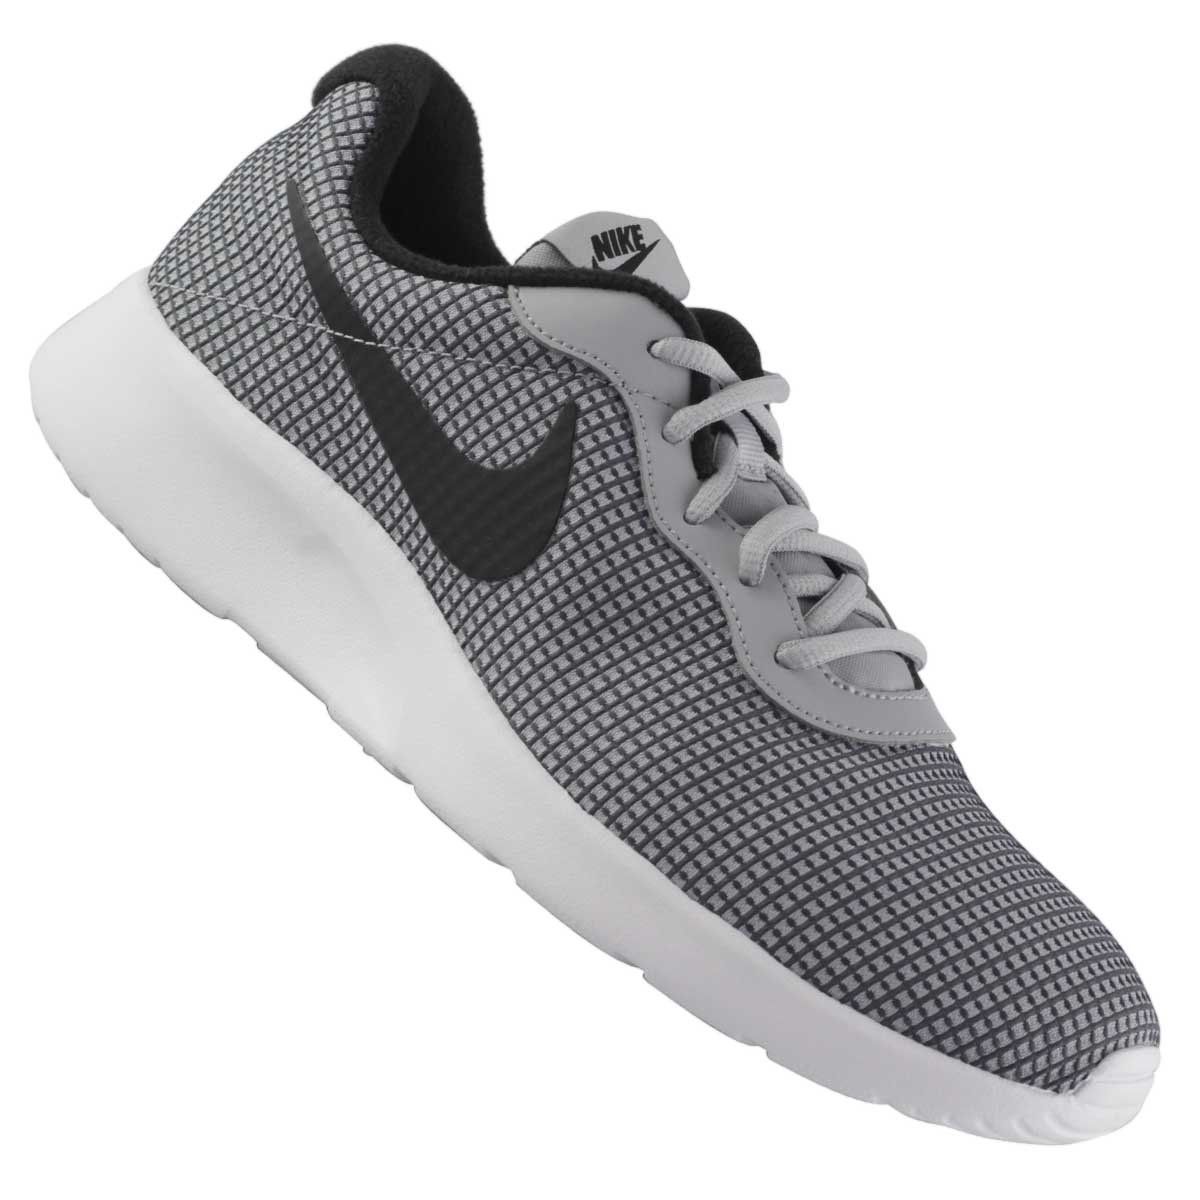 5c309450d1f09 Tênis Nike Tanjun SE